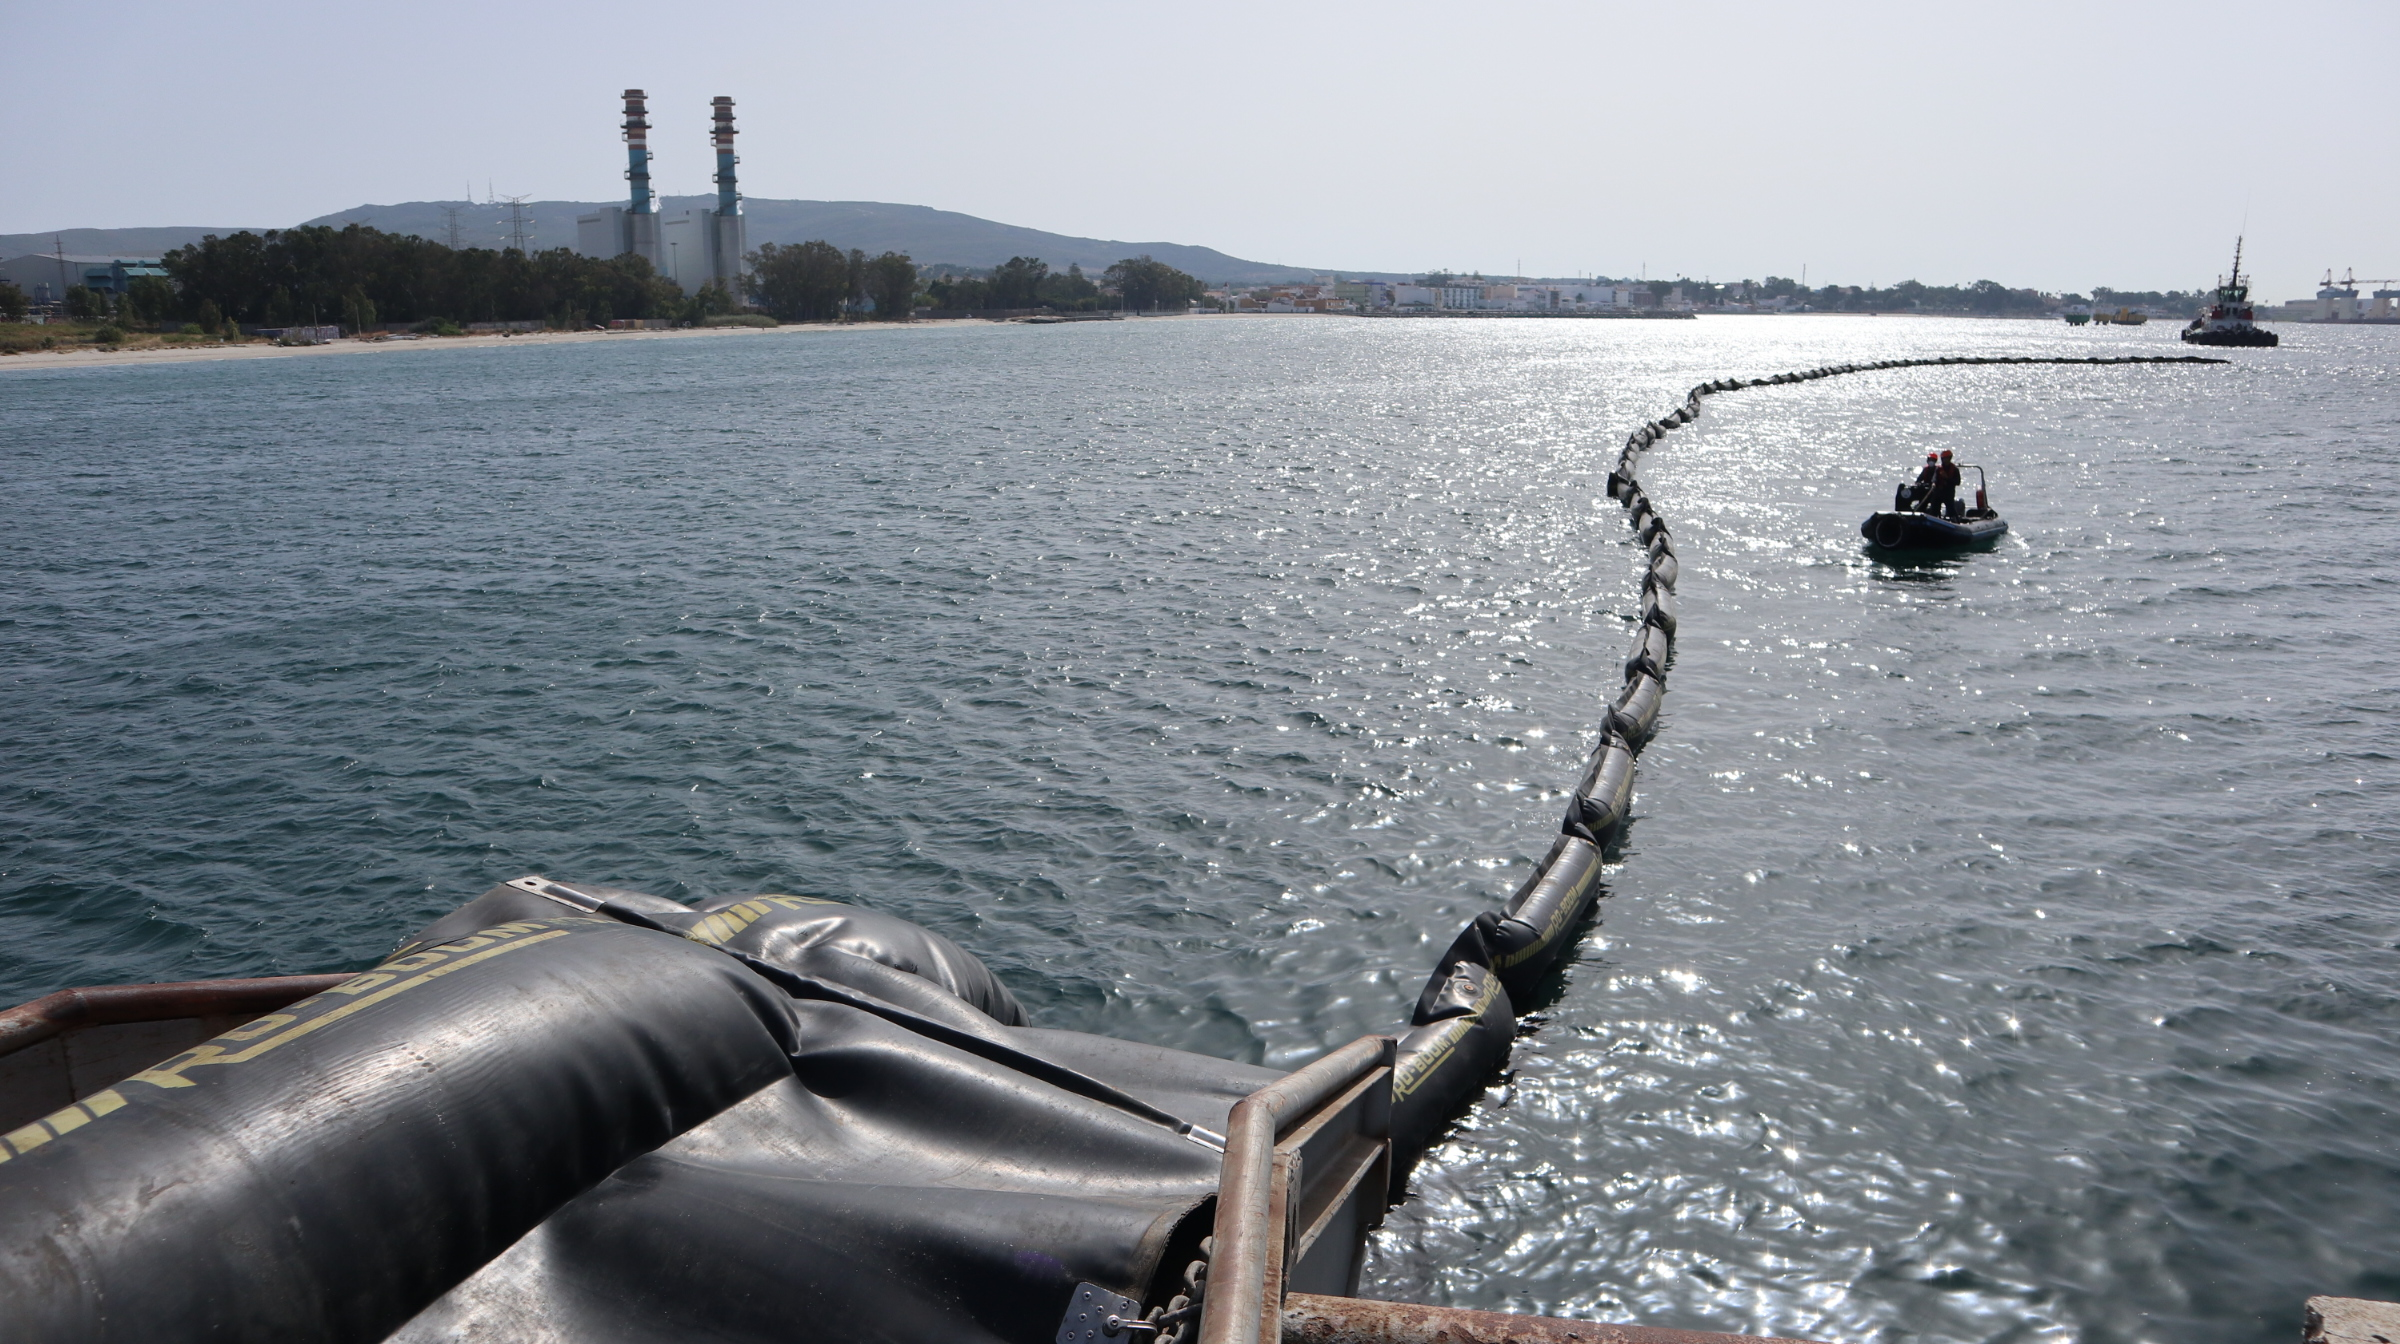 Cepsa realiza un simulacro contra la contaminación marina accidental en el pantalán de la refinería Gibraltar-San Roque